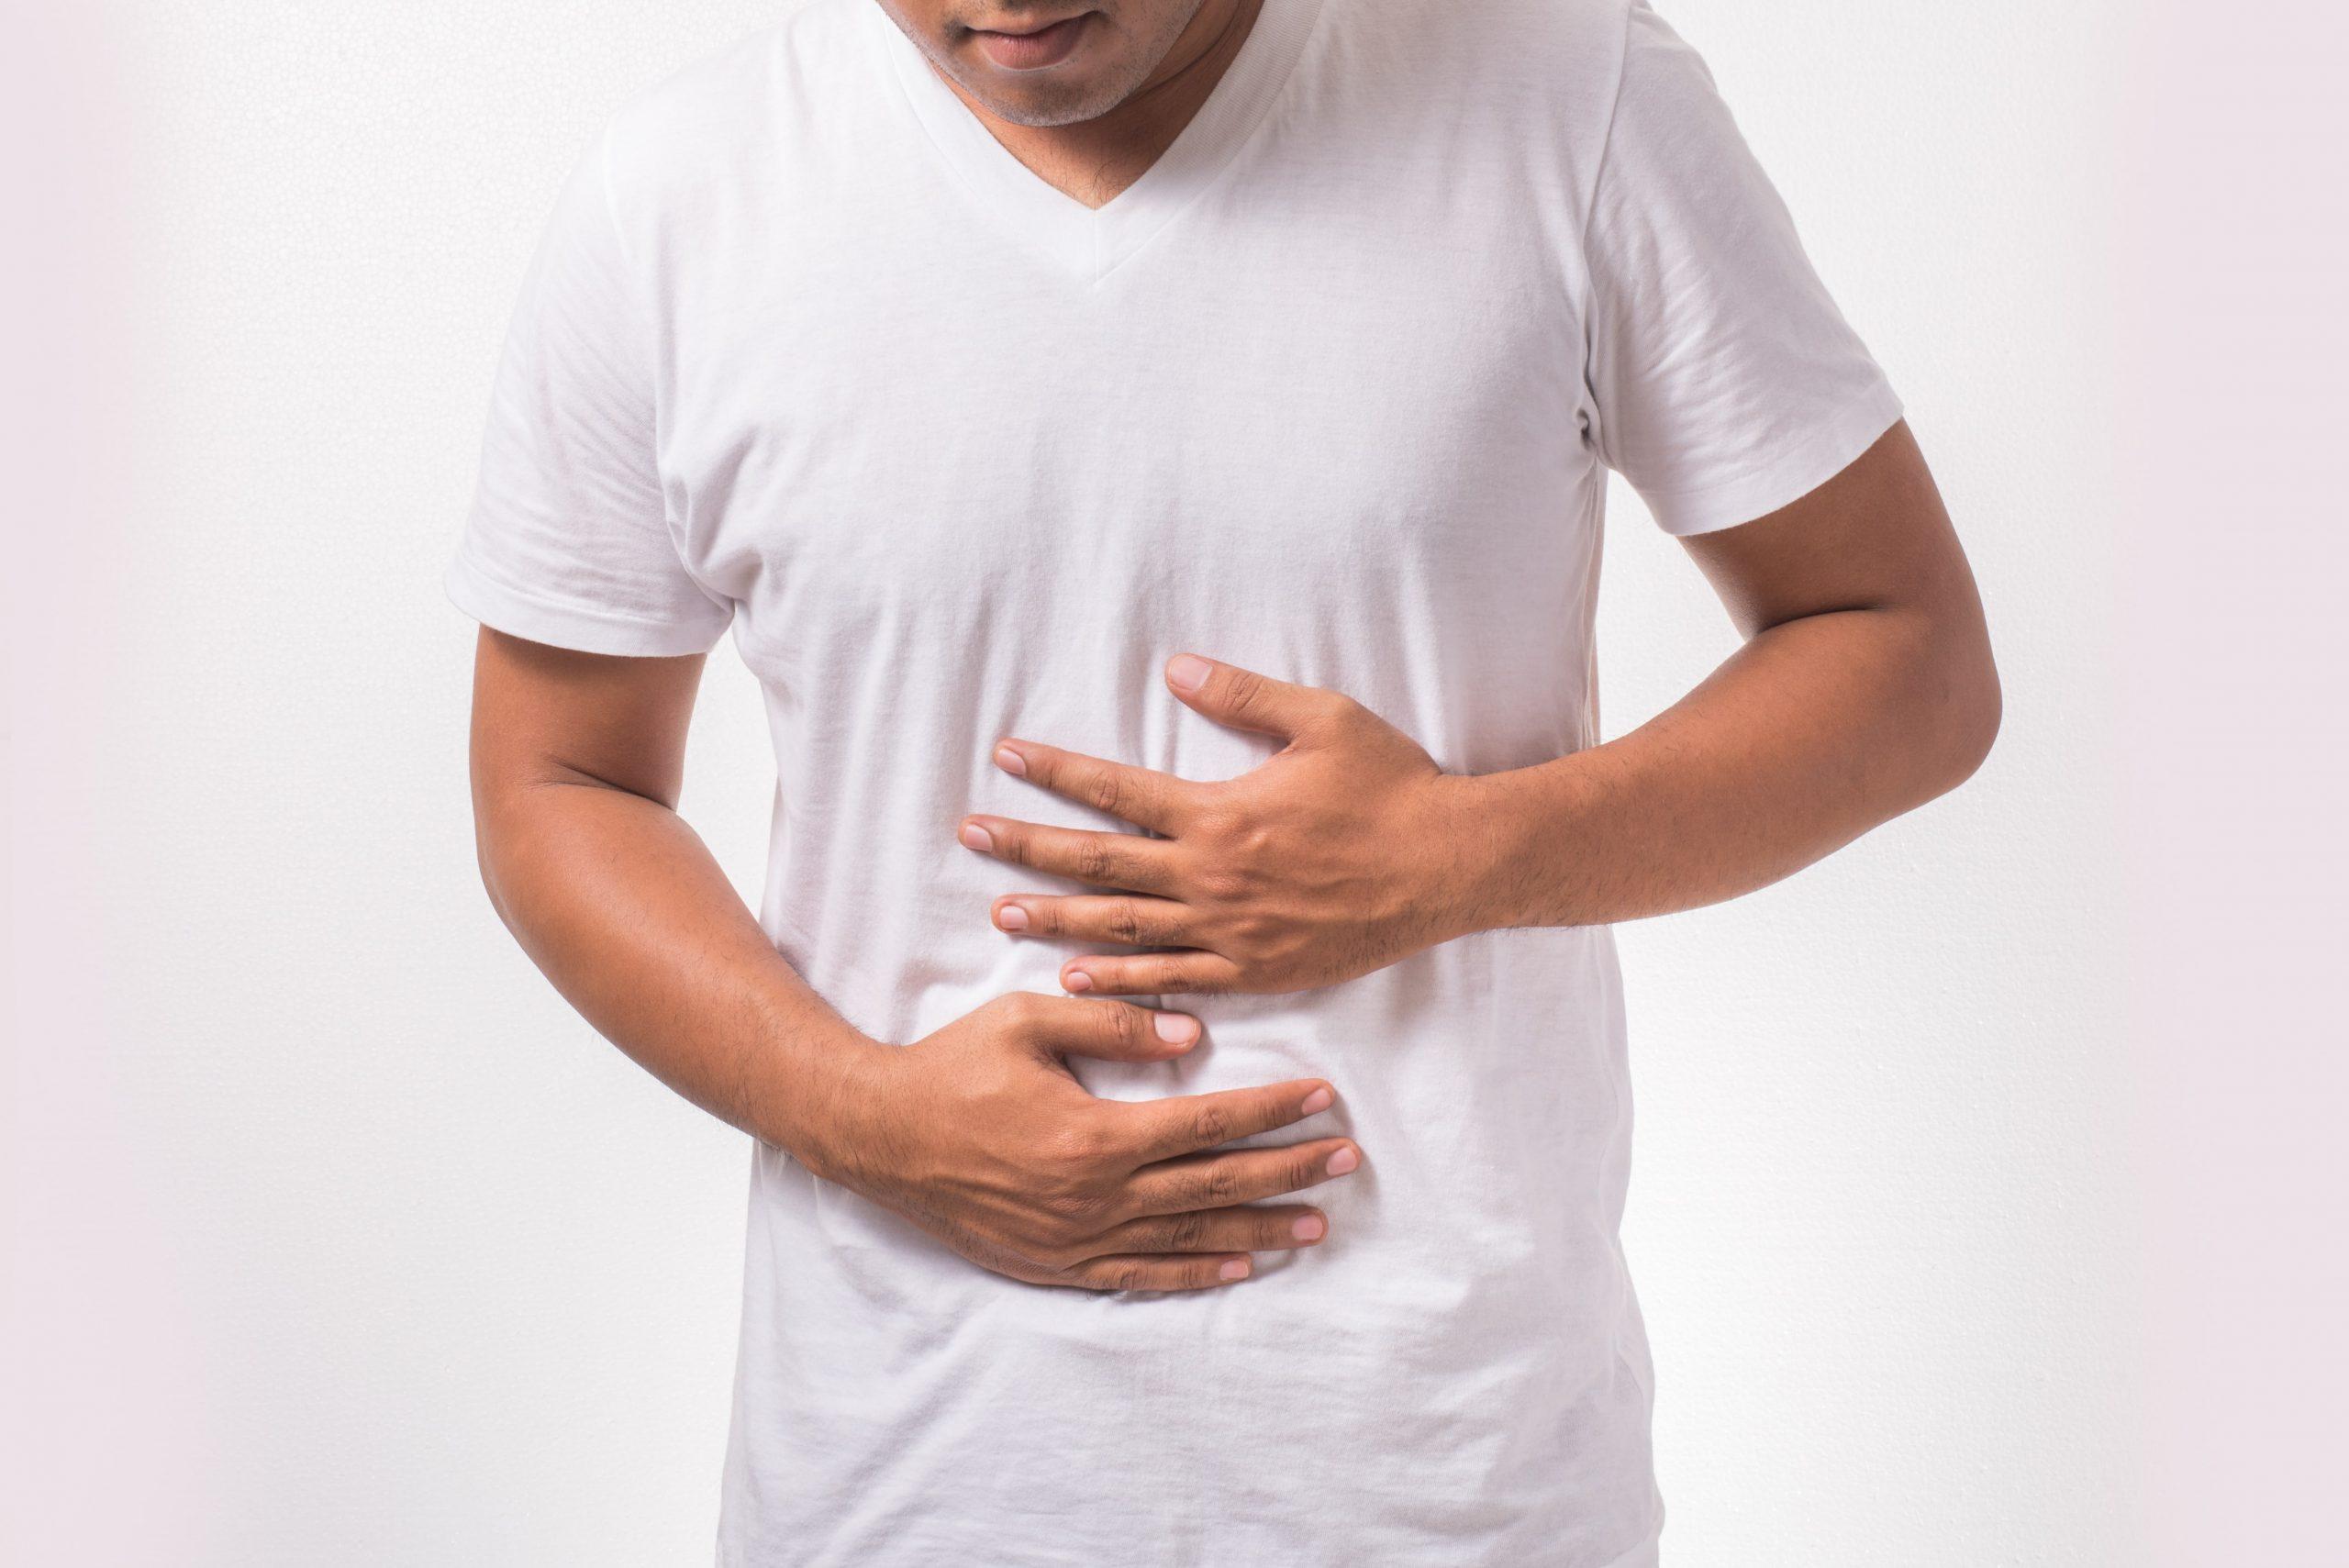 GI distress as side effect of metformin